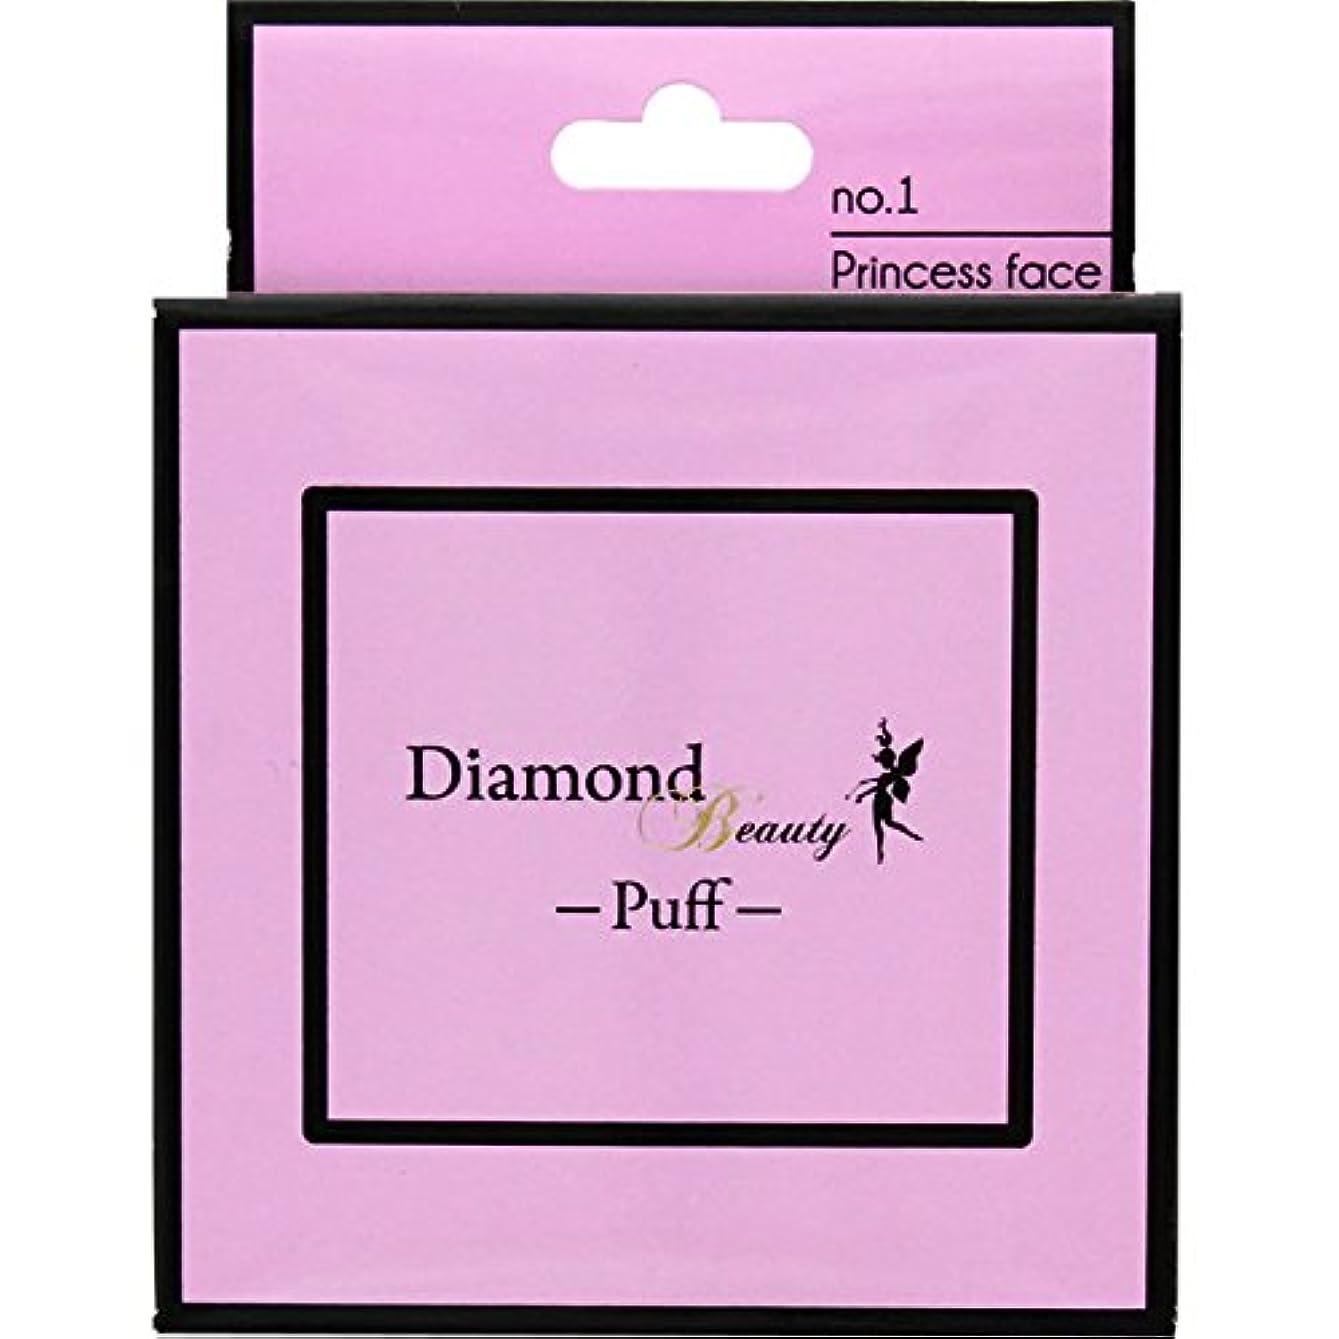 自然センター錆びダイヤモンドビューティー パフ 01 プリンセスフェイス